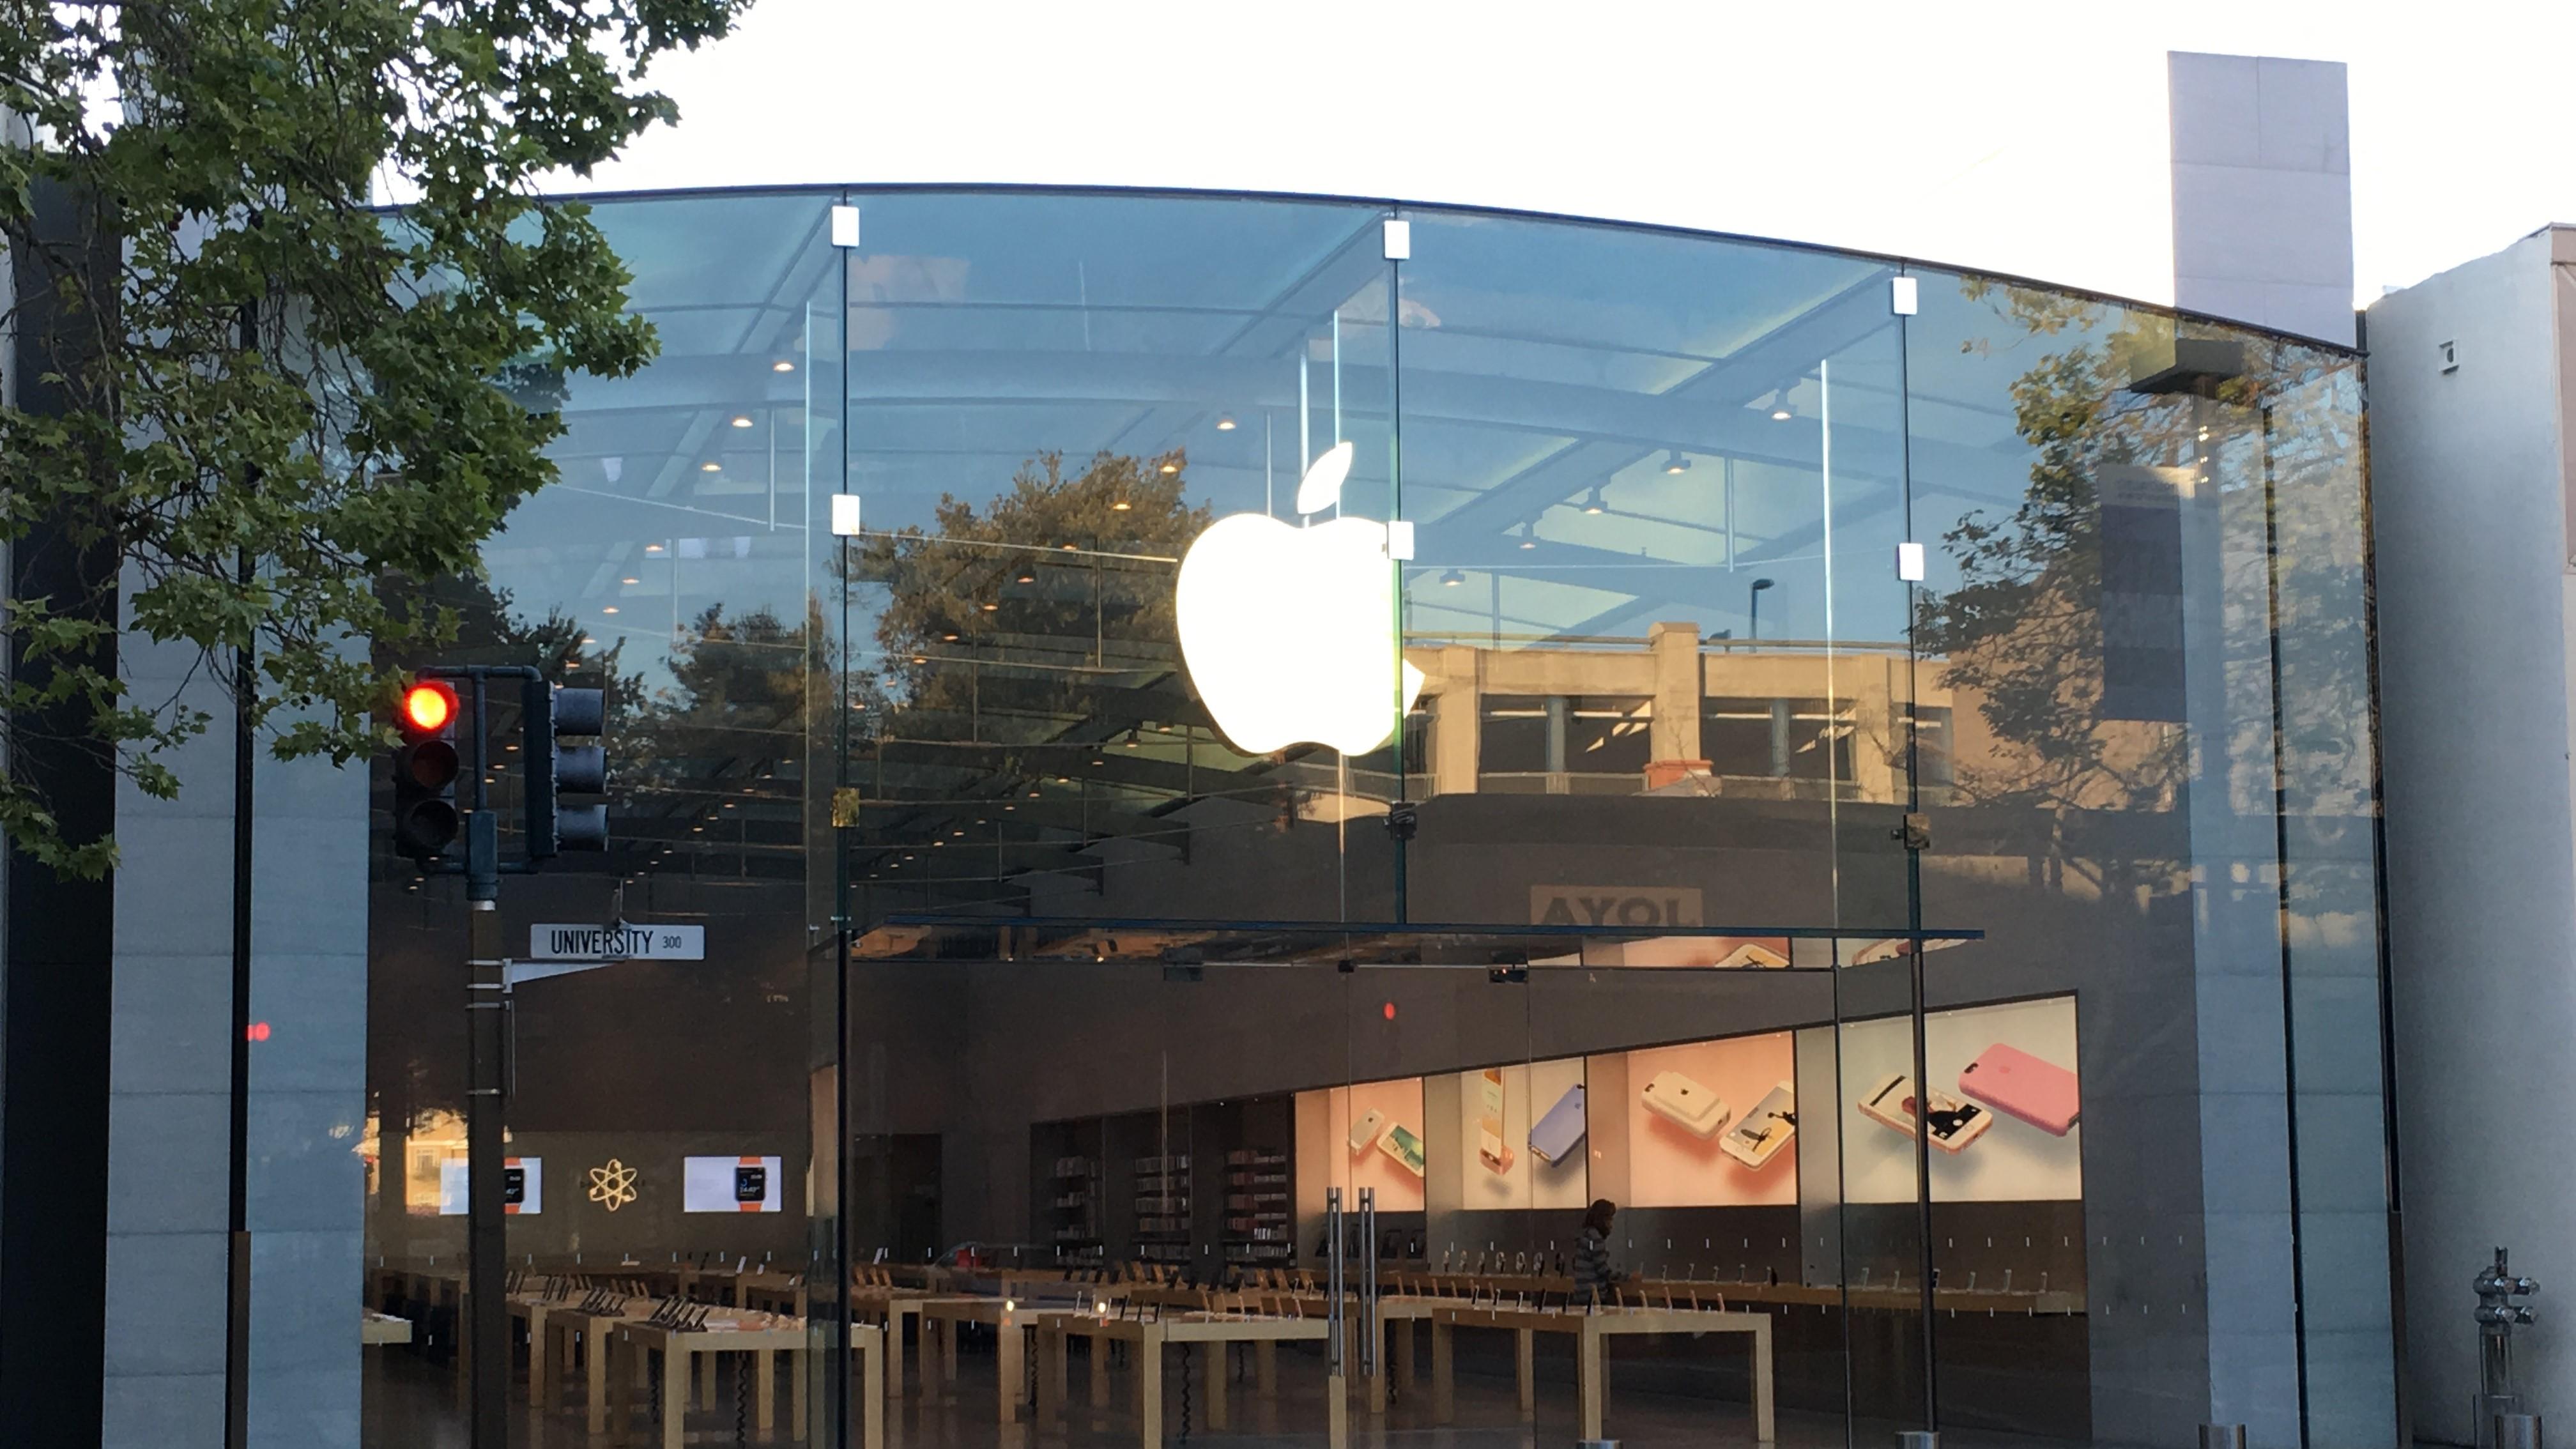 Tenåring hacket Apple og fikk tilgang til 1 TB med data.